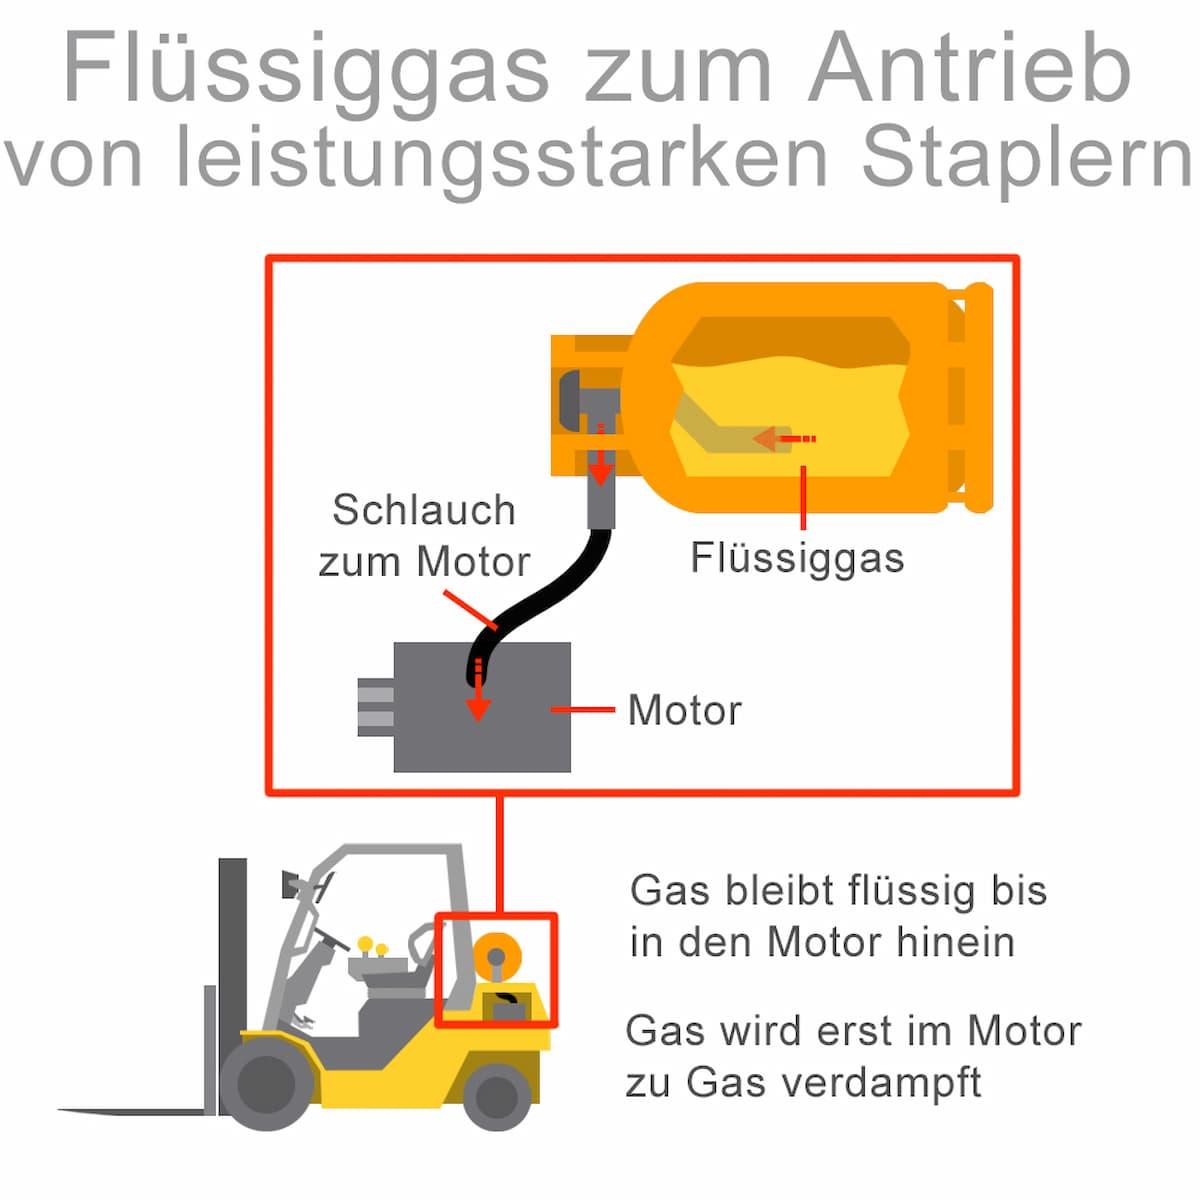 Mit Flüssiggas können Stapler angetrieben werden